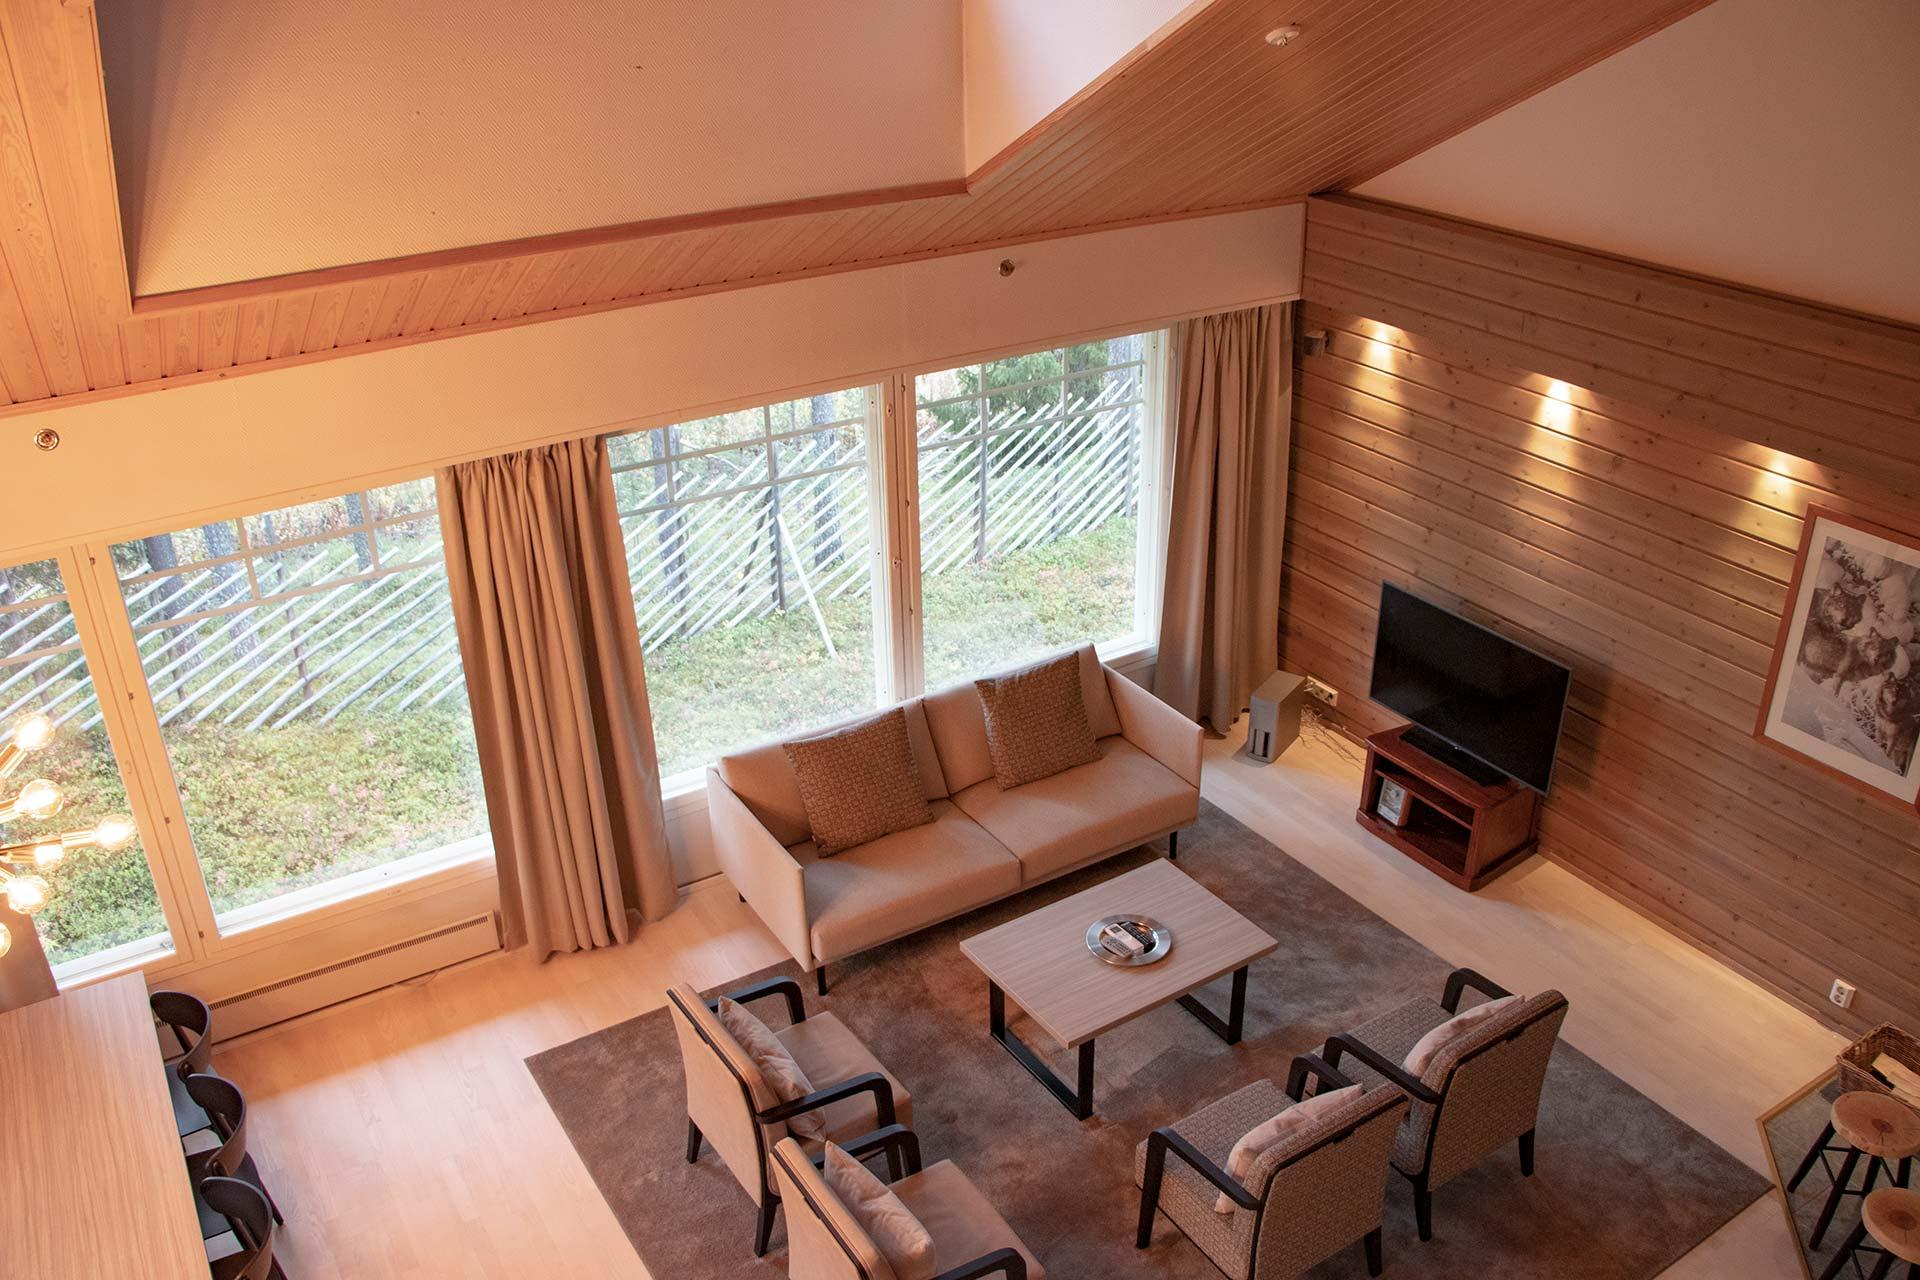 Viihtyisä olohuone K5 Villas 12-hengen lomahuoneistossa Levillä.